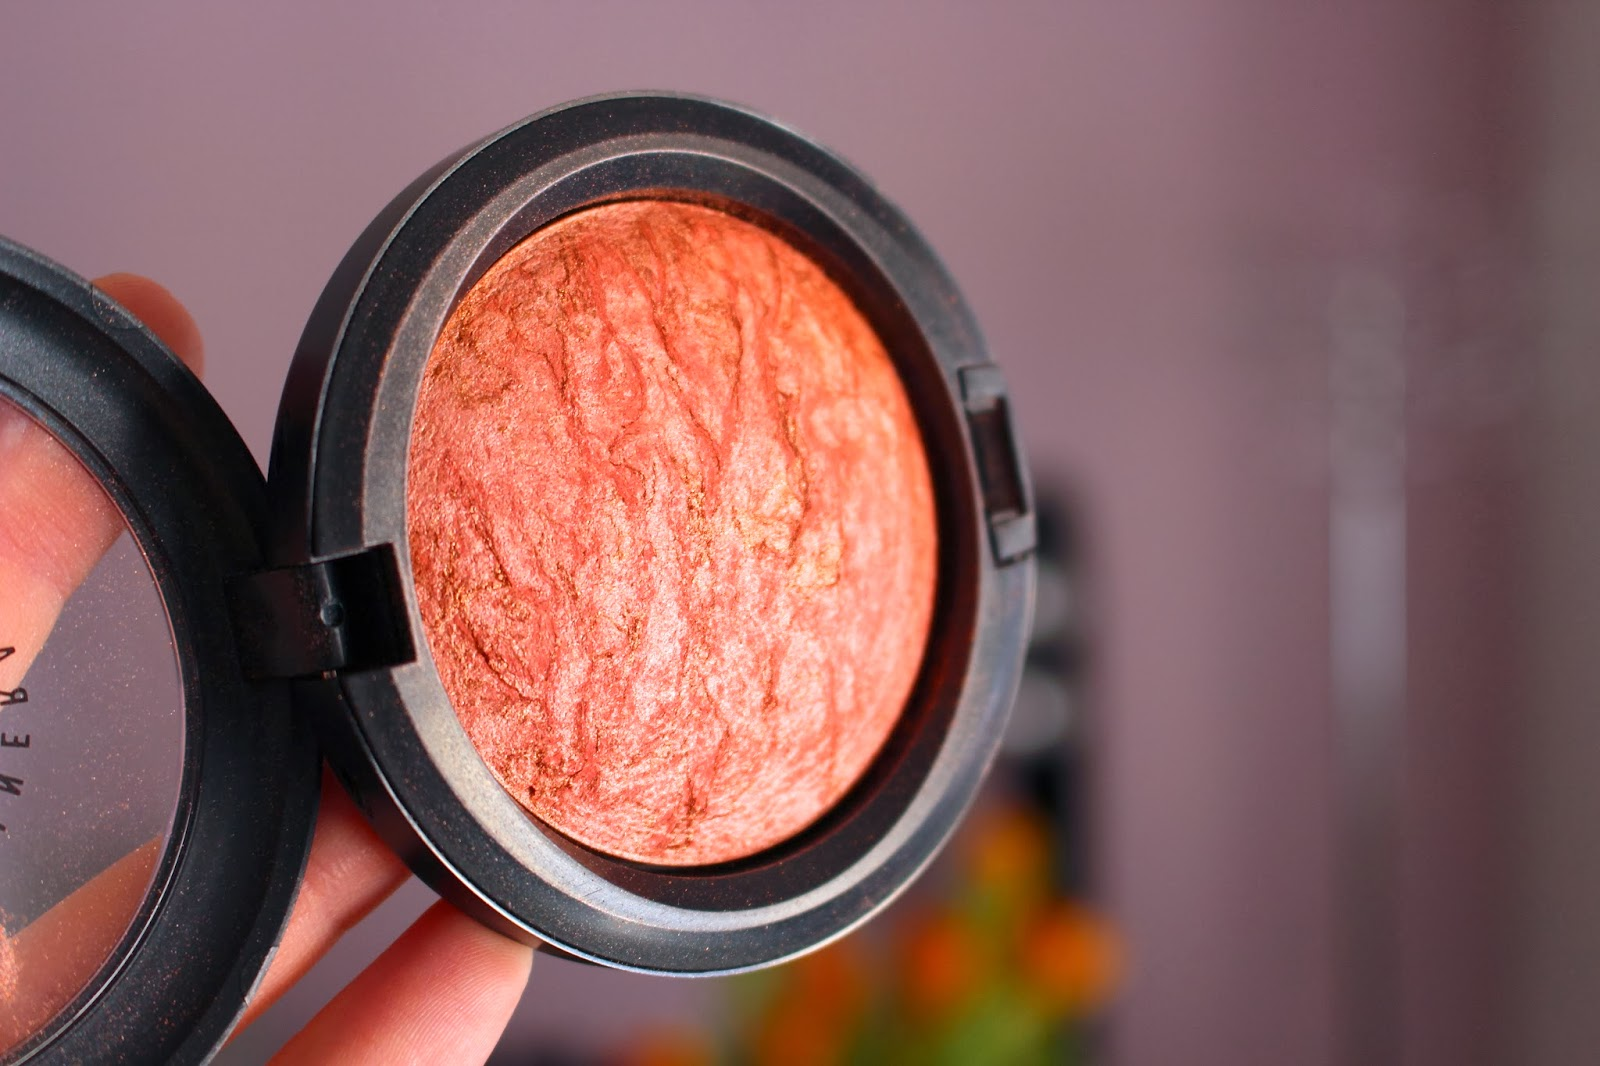 pop-of-color-eye-makeup-look-4